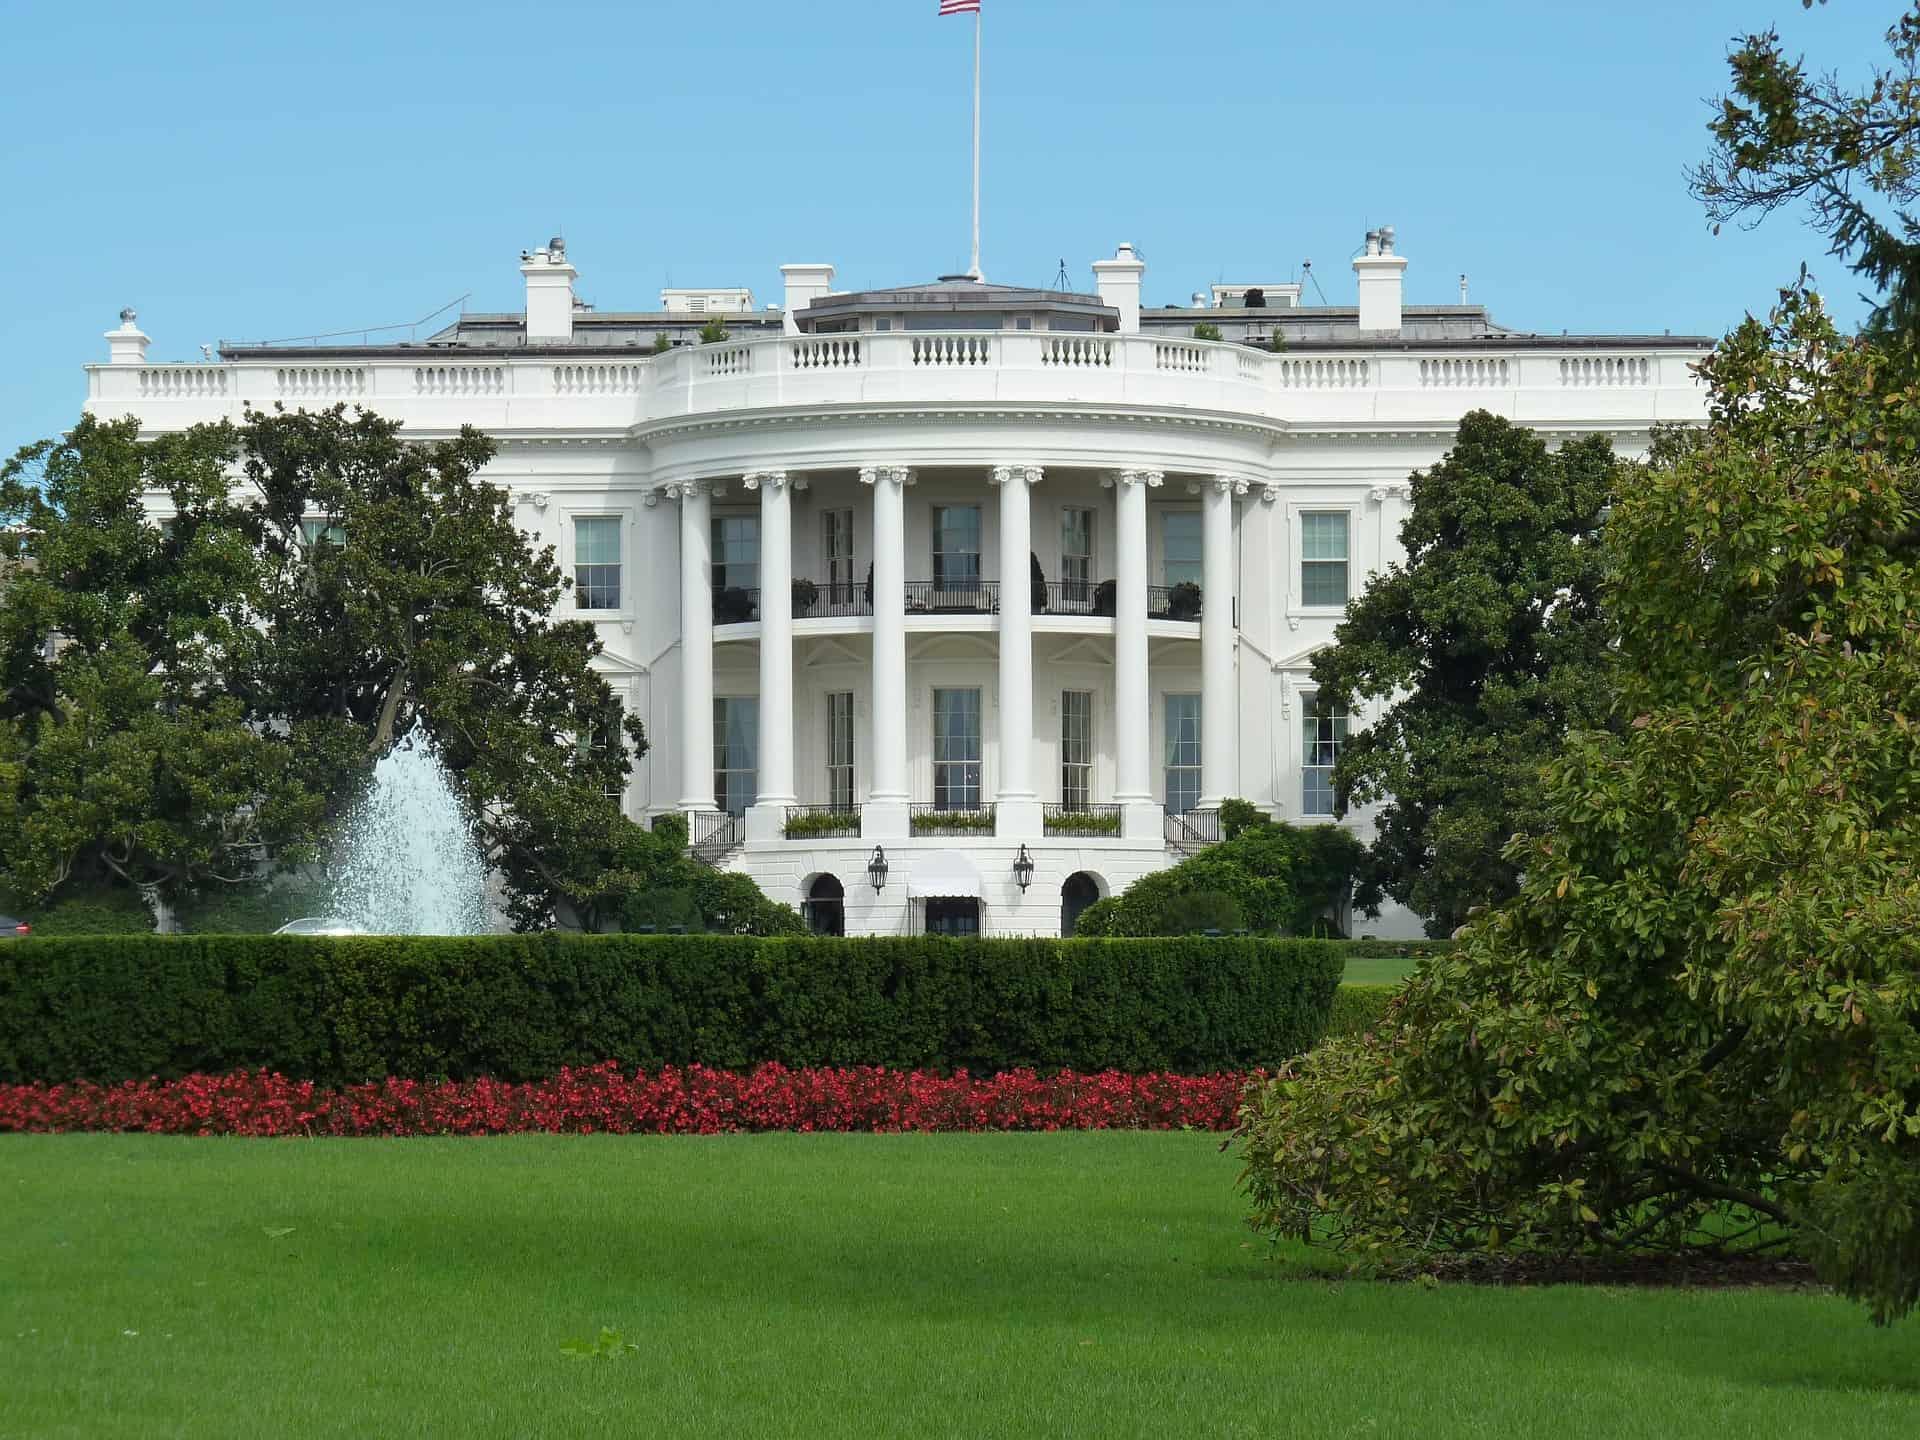 La maison blanche utiliserait une application de for Royan la maison blanche